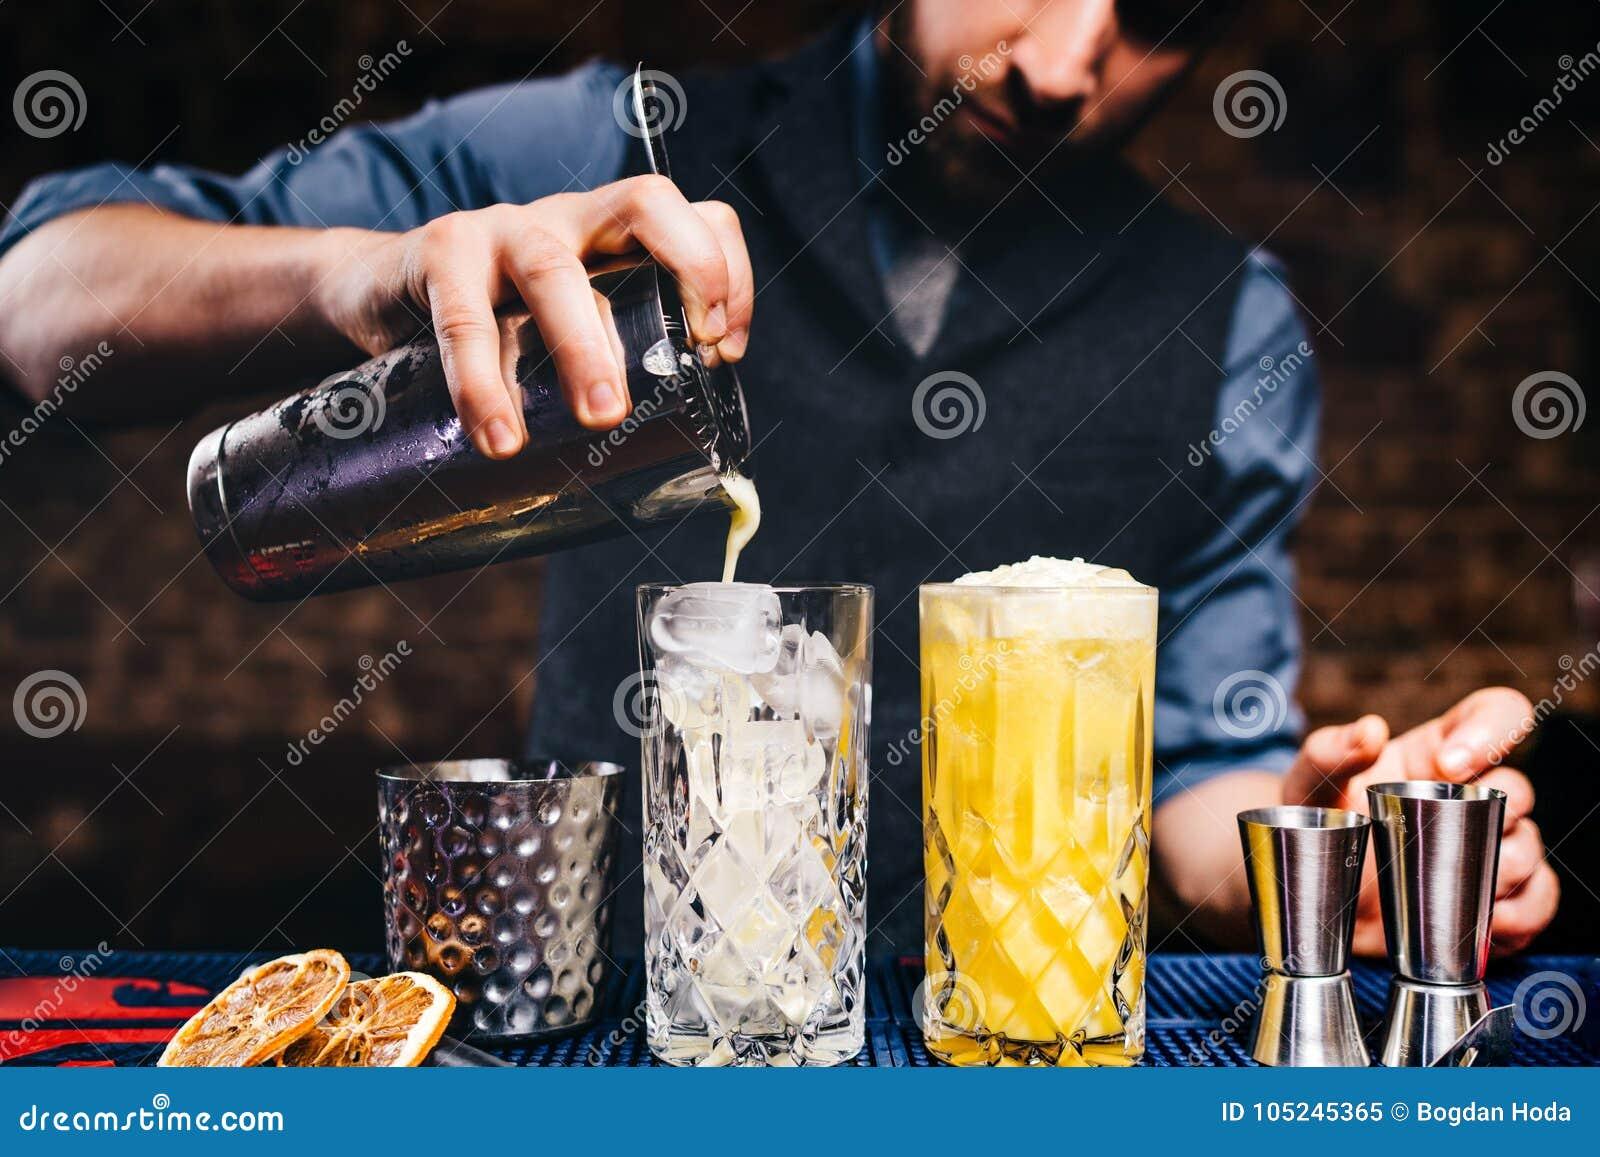 倾吐在冰的葡萄酒侍酒者新鲜的橙色伏特加酒鸡尾酒在水晶玻璃器皿